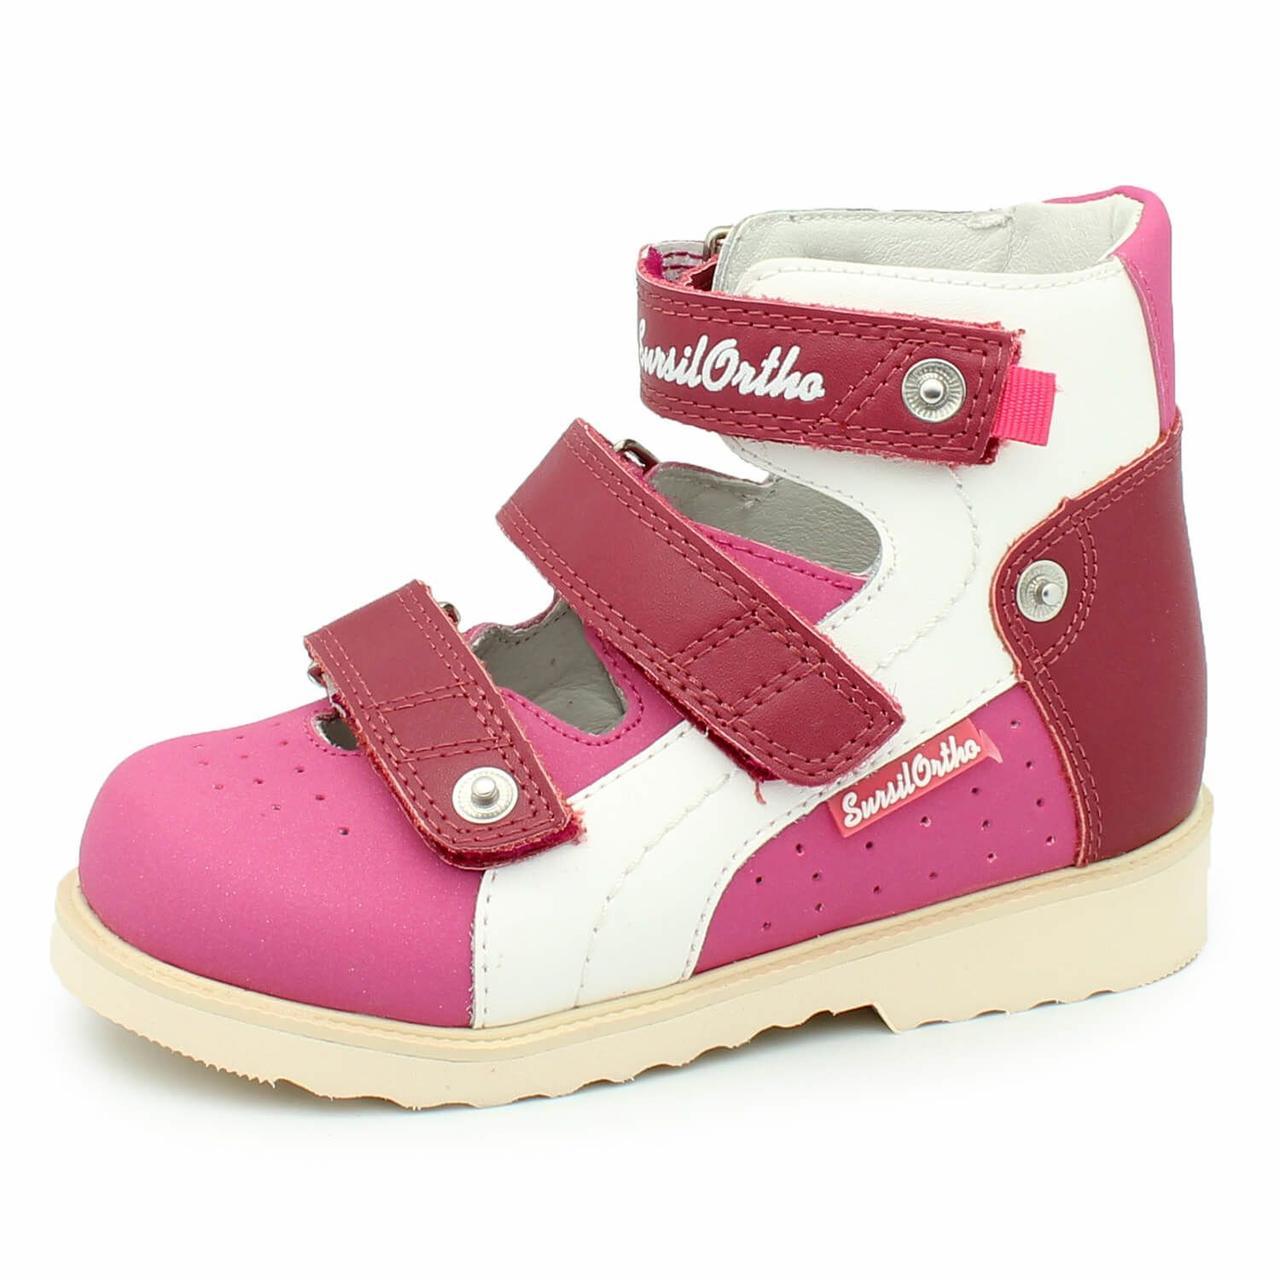 Туфли ортопедические со съёмной стелькой для девочки Сурсил-Орто 14-138, 20